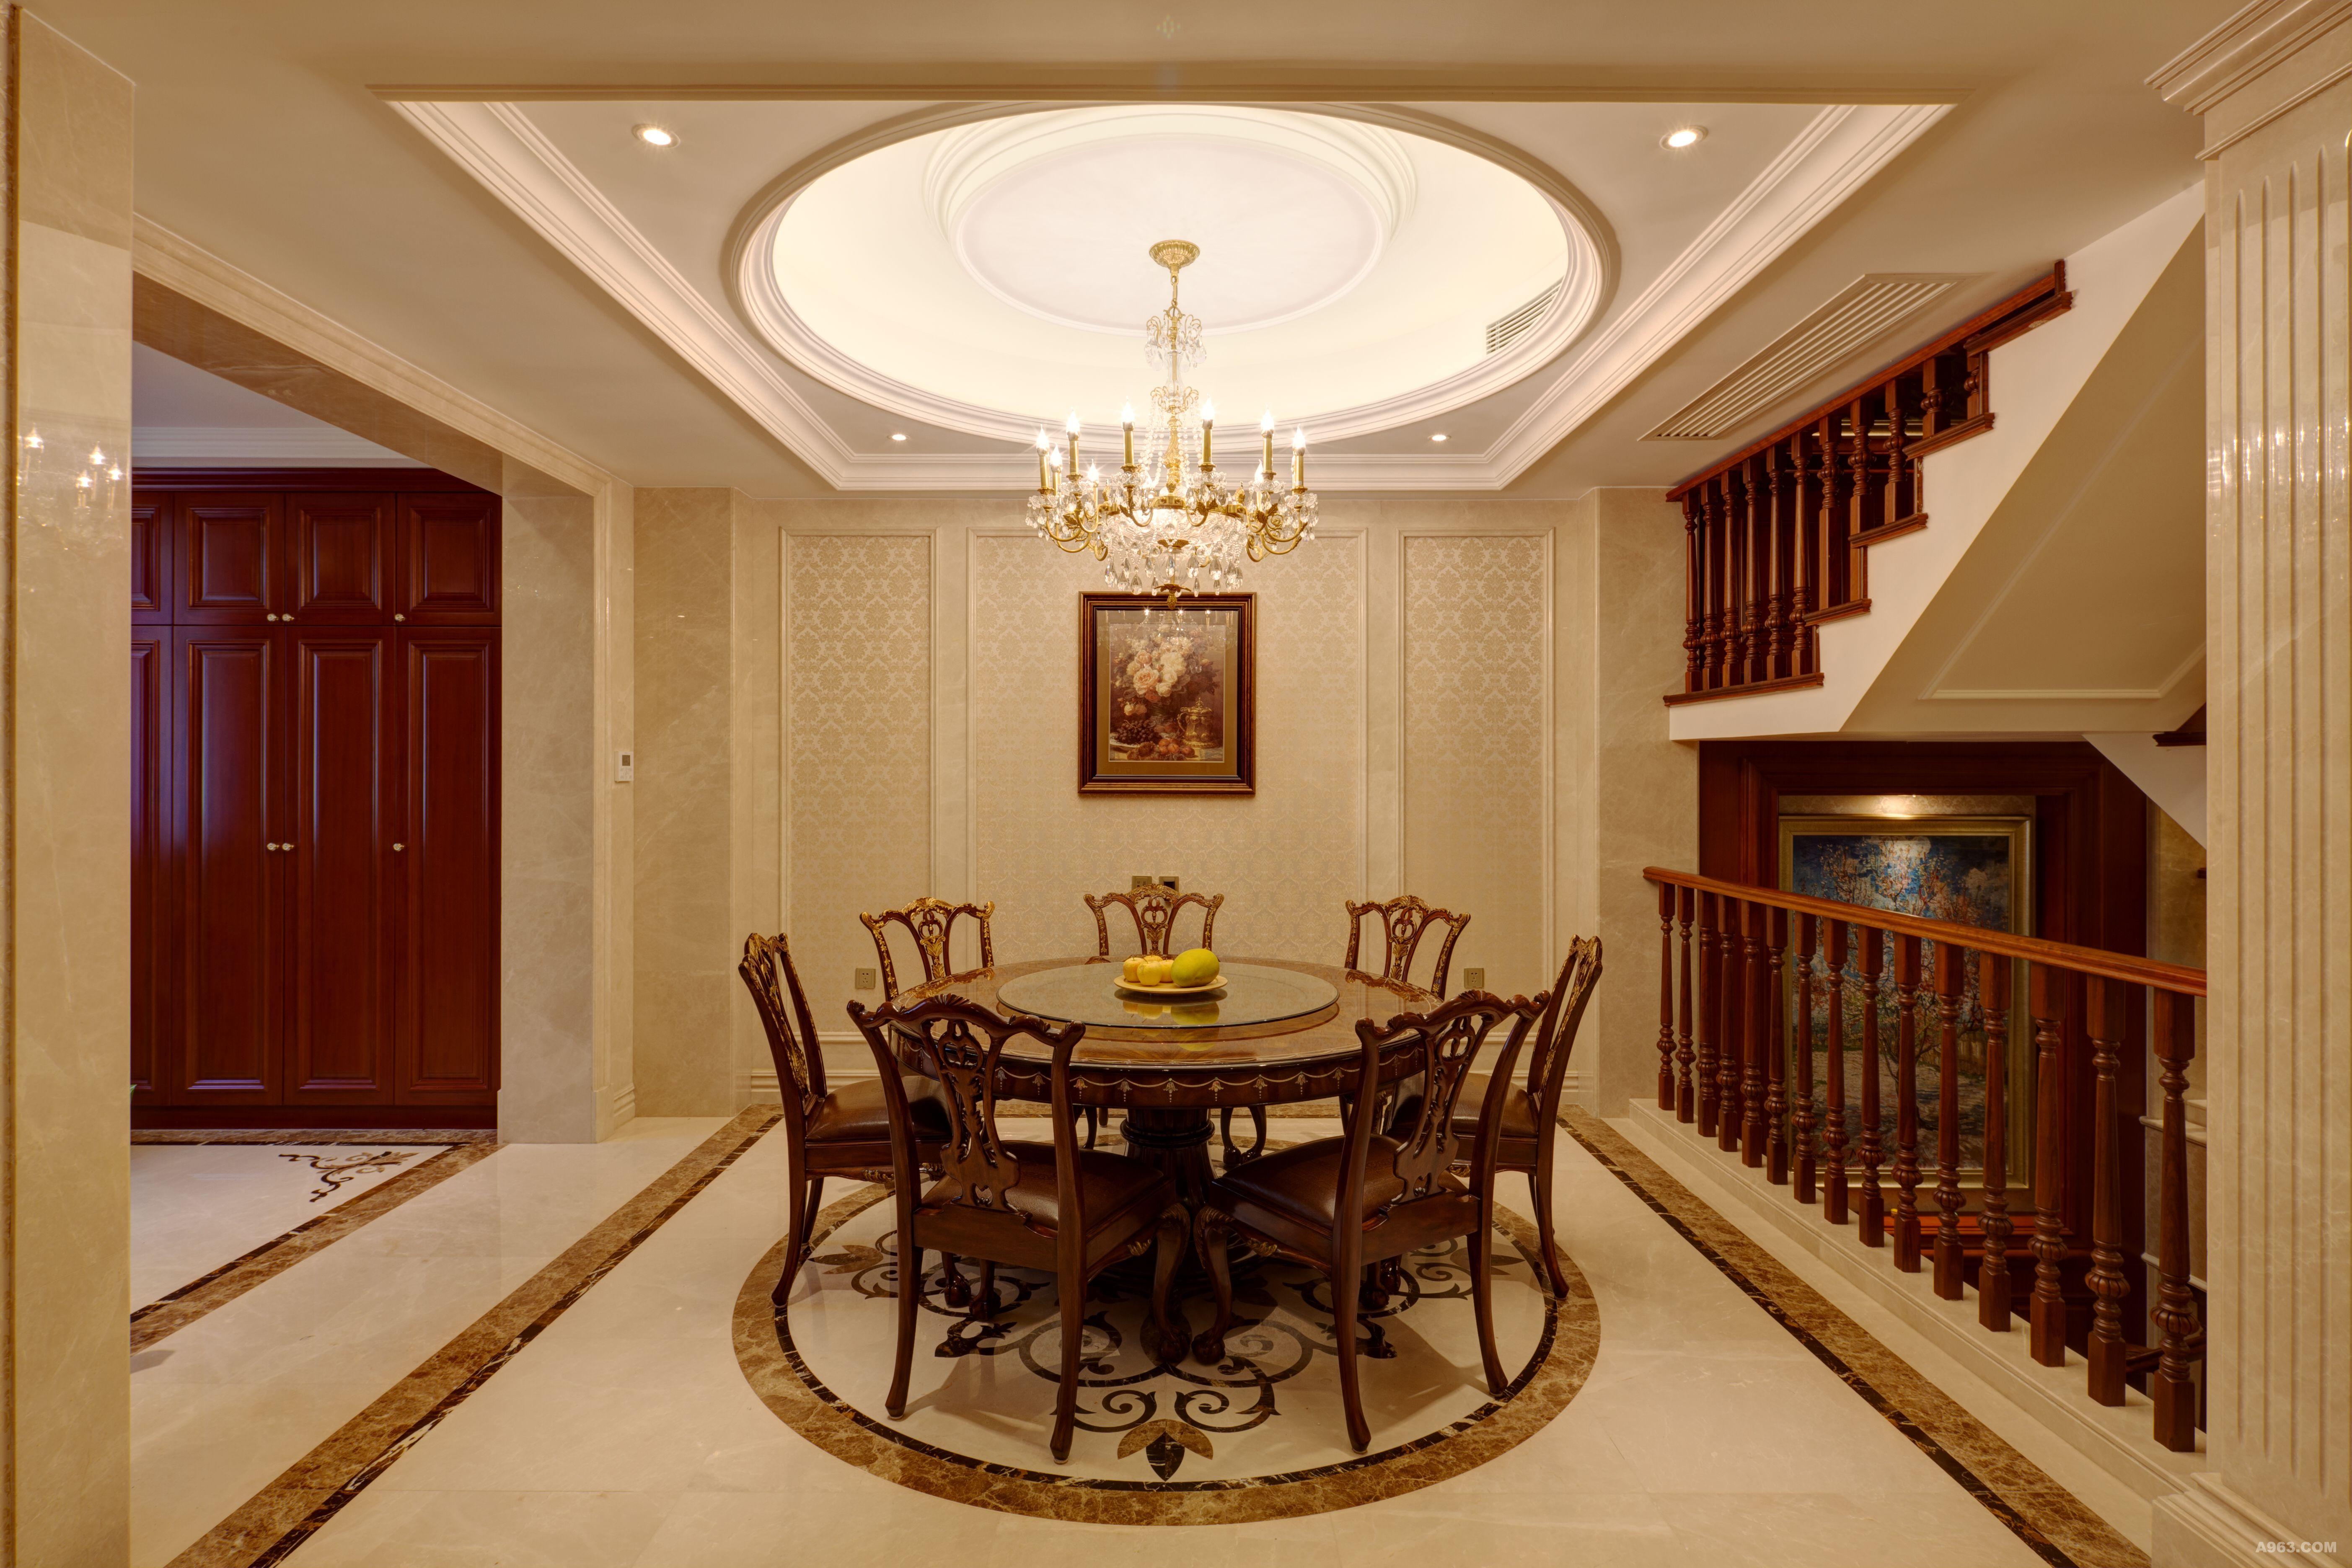 二层餐厅,欧式家具,圆形吊顶与地面石材拼花相呼应